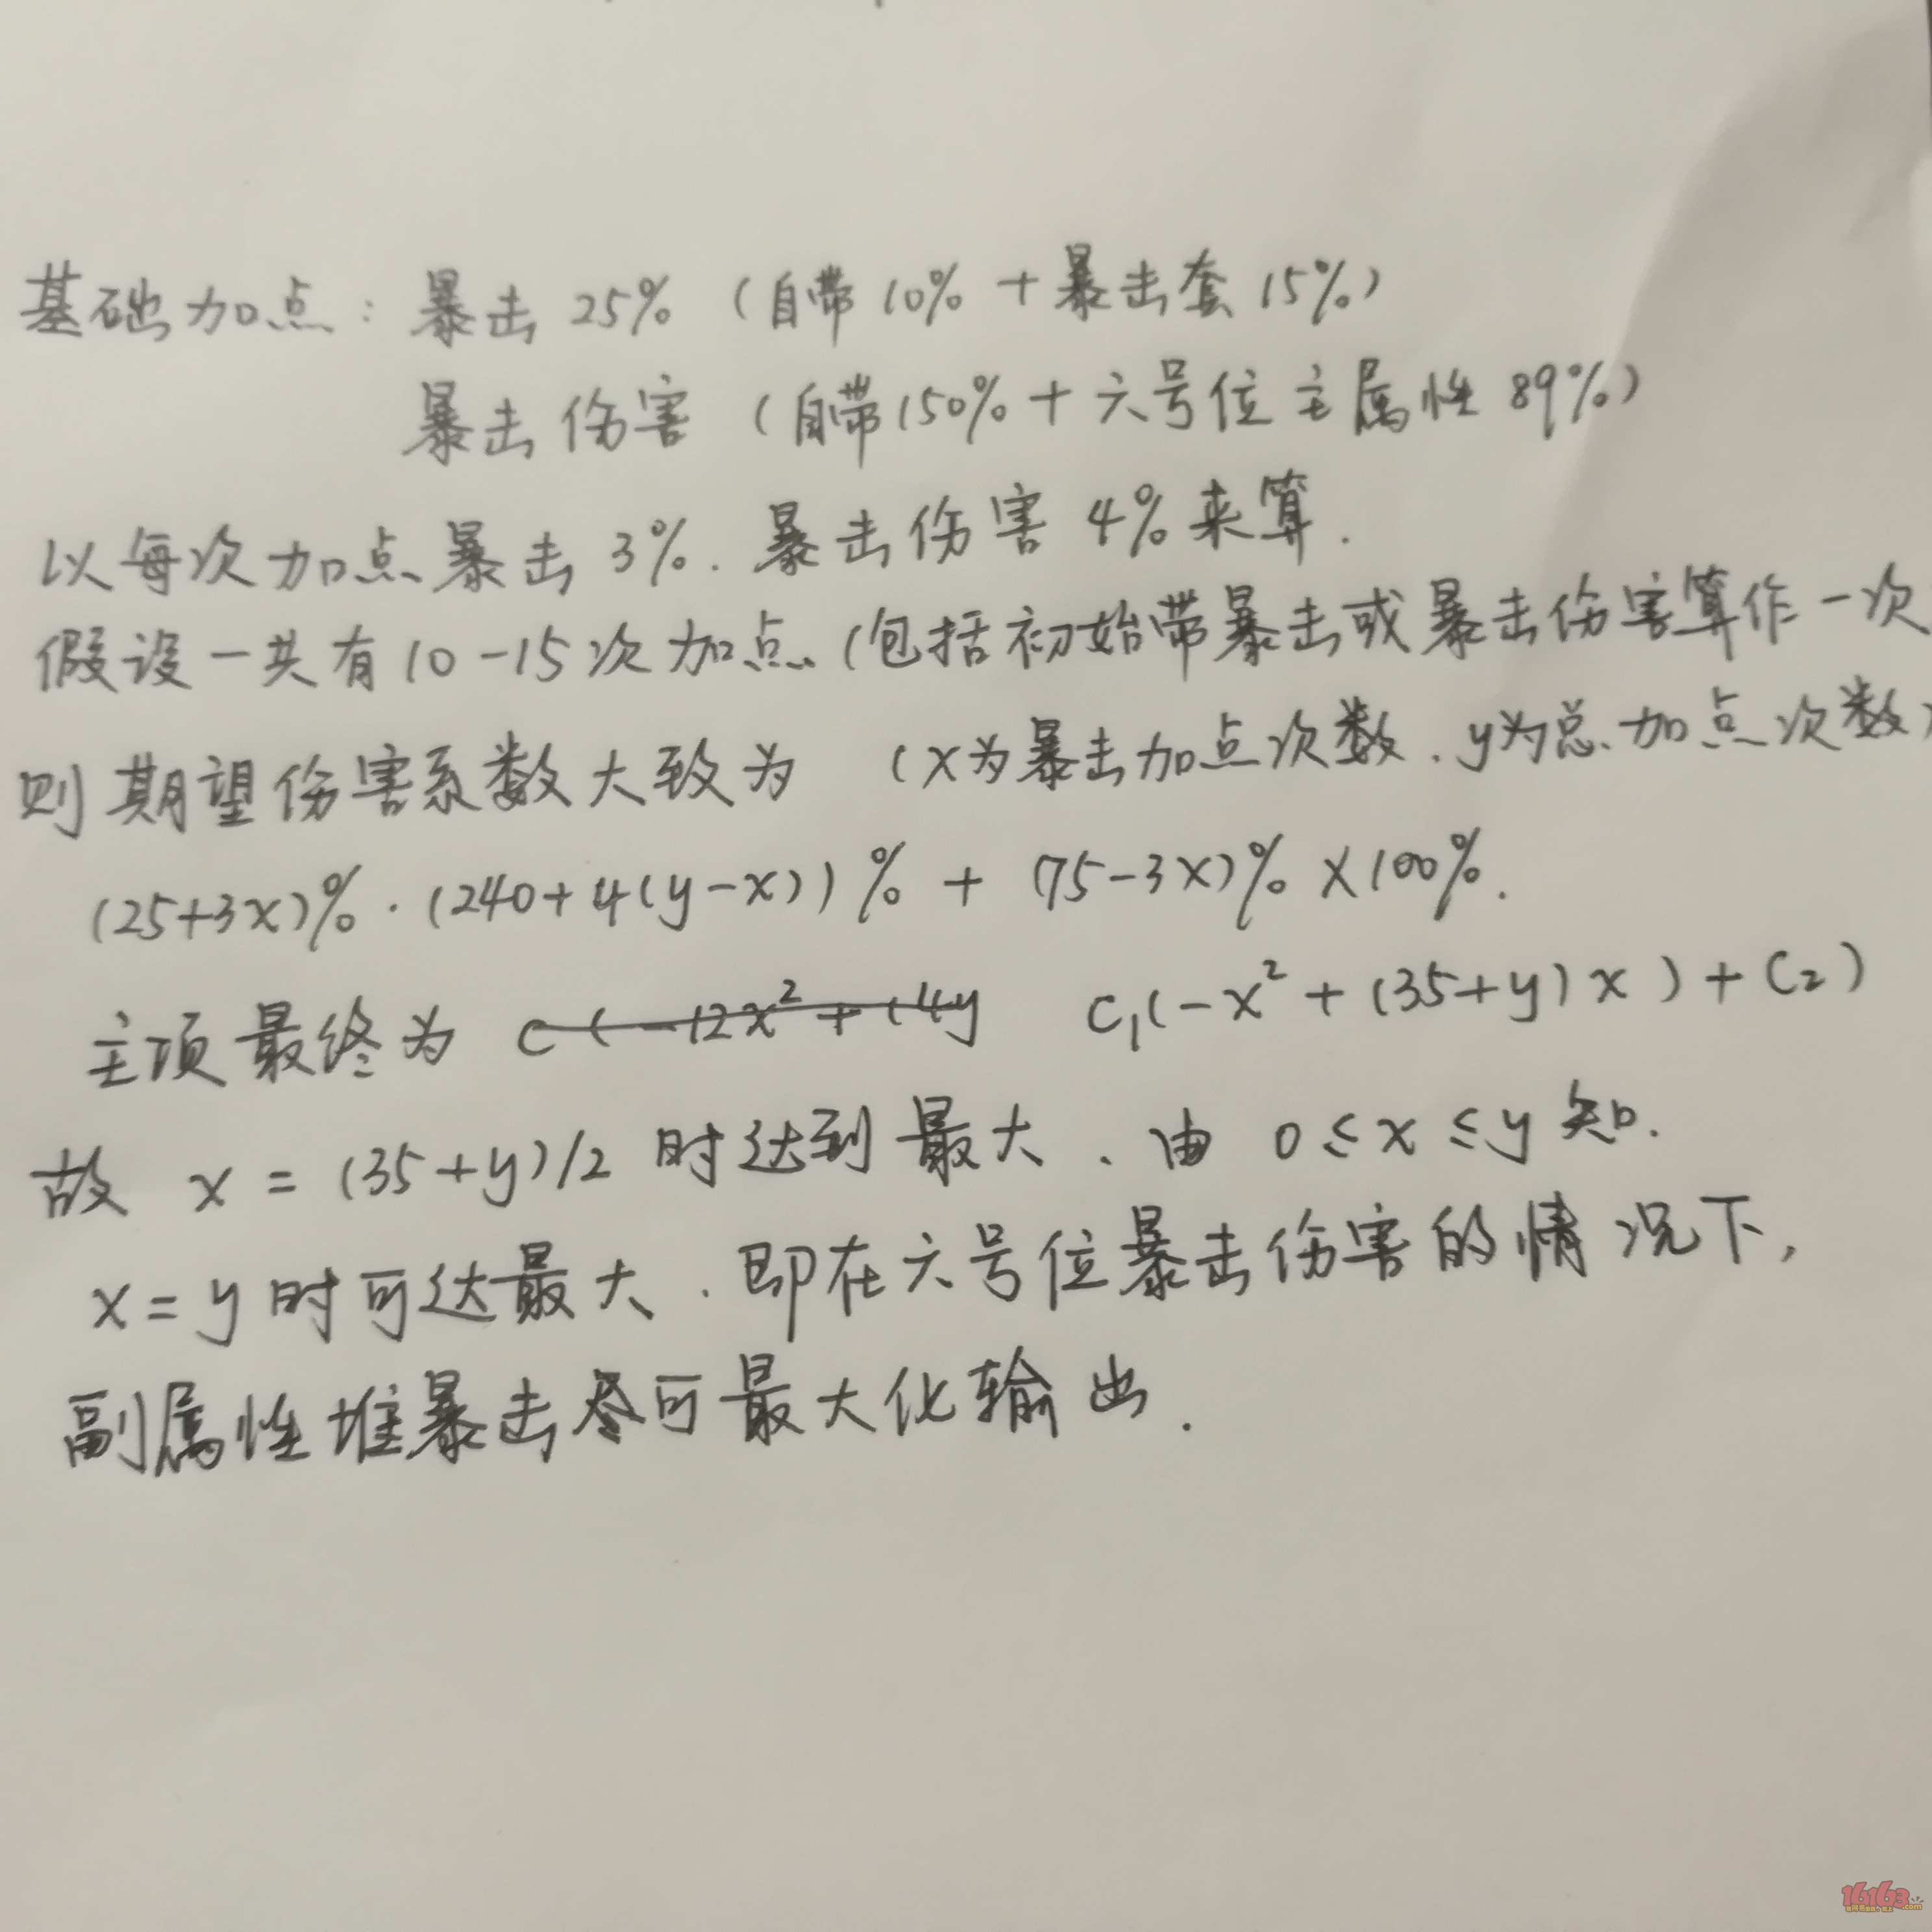 最优暴击分配.jpg